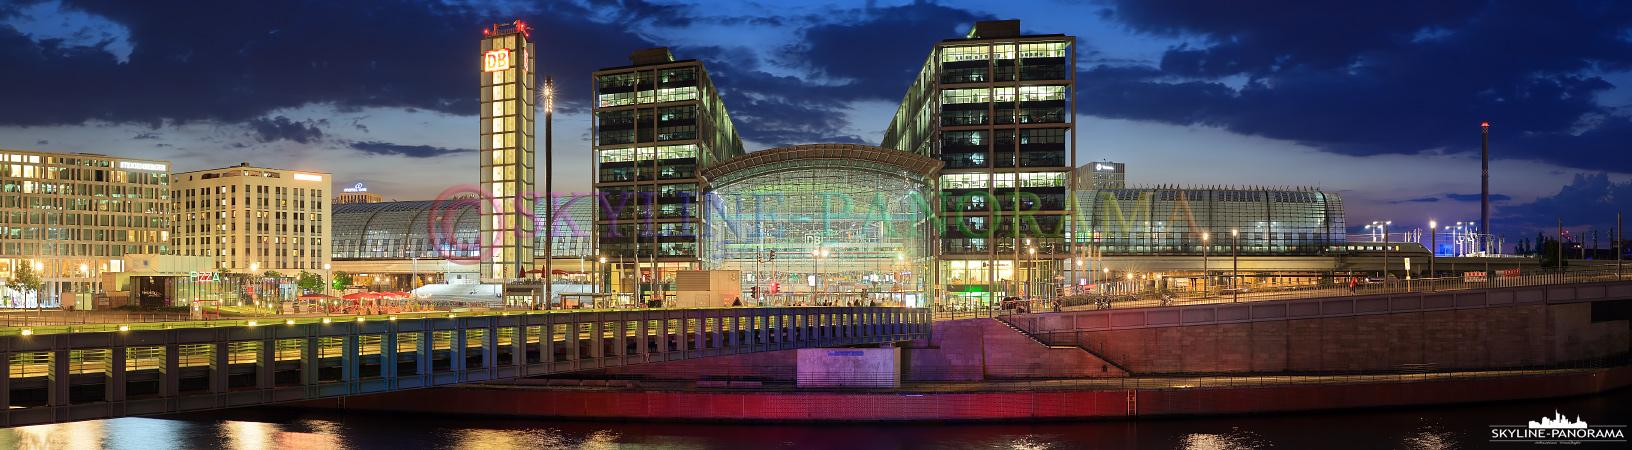 Hauptbahnhof Berlin - Panorama